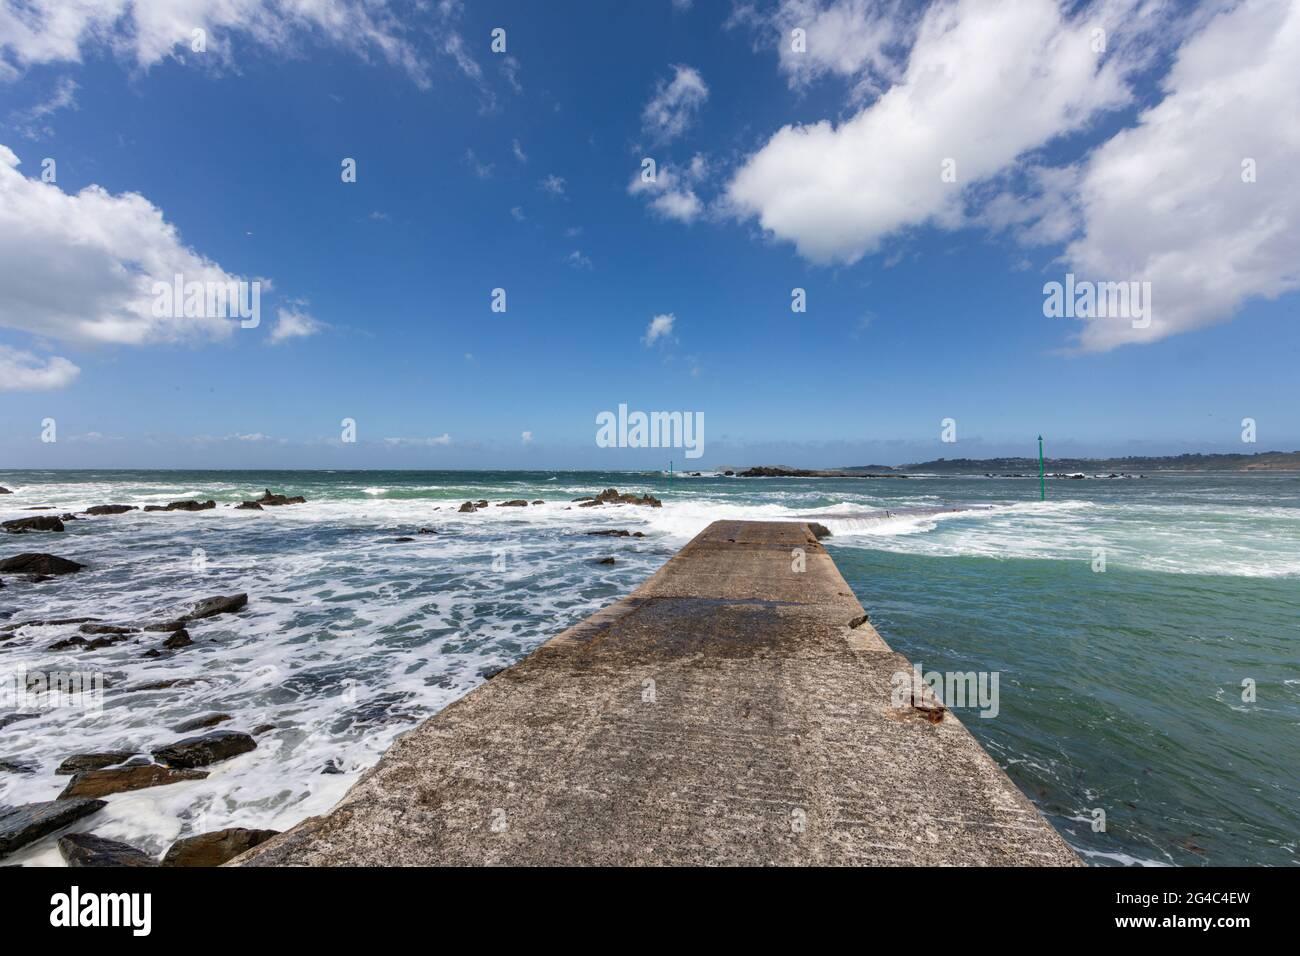 Mar turbulento en Pointe de Sehar, Tredrez-Locquemeau, Cotes d'Armor, Bretaña, Francia Foto de stock